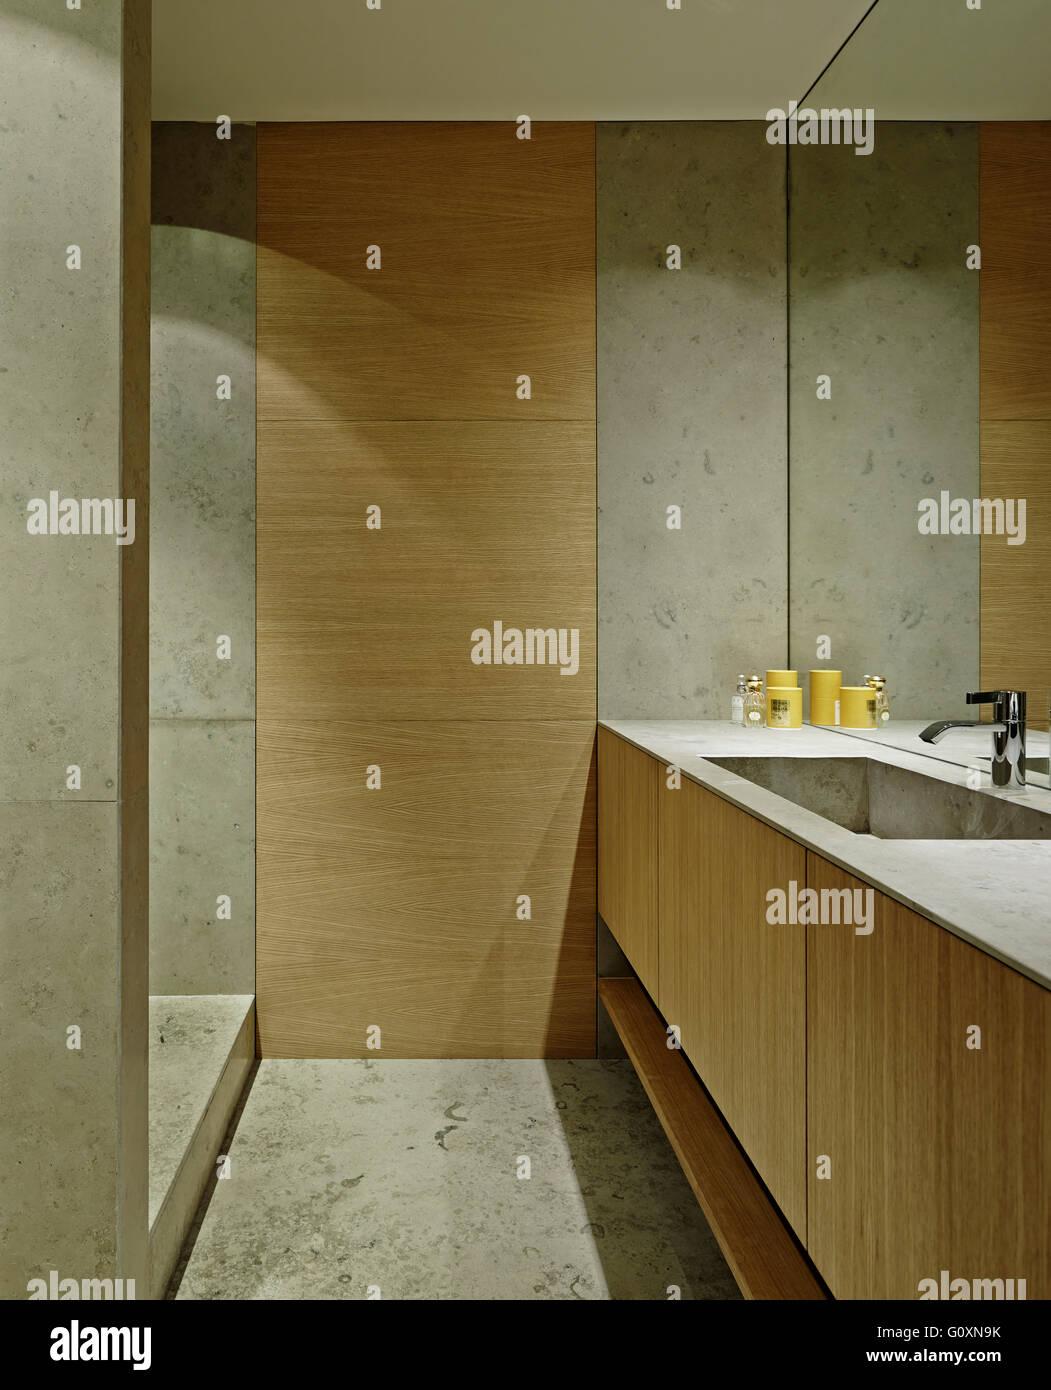 Bagno Moderno Con Pavimento Effetto Legno.Bagno Moderno Con Legno E Cabinet Bianco E Pavimento In